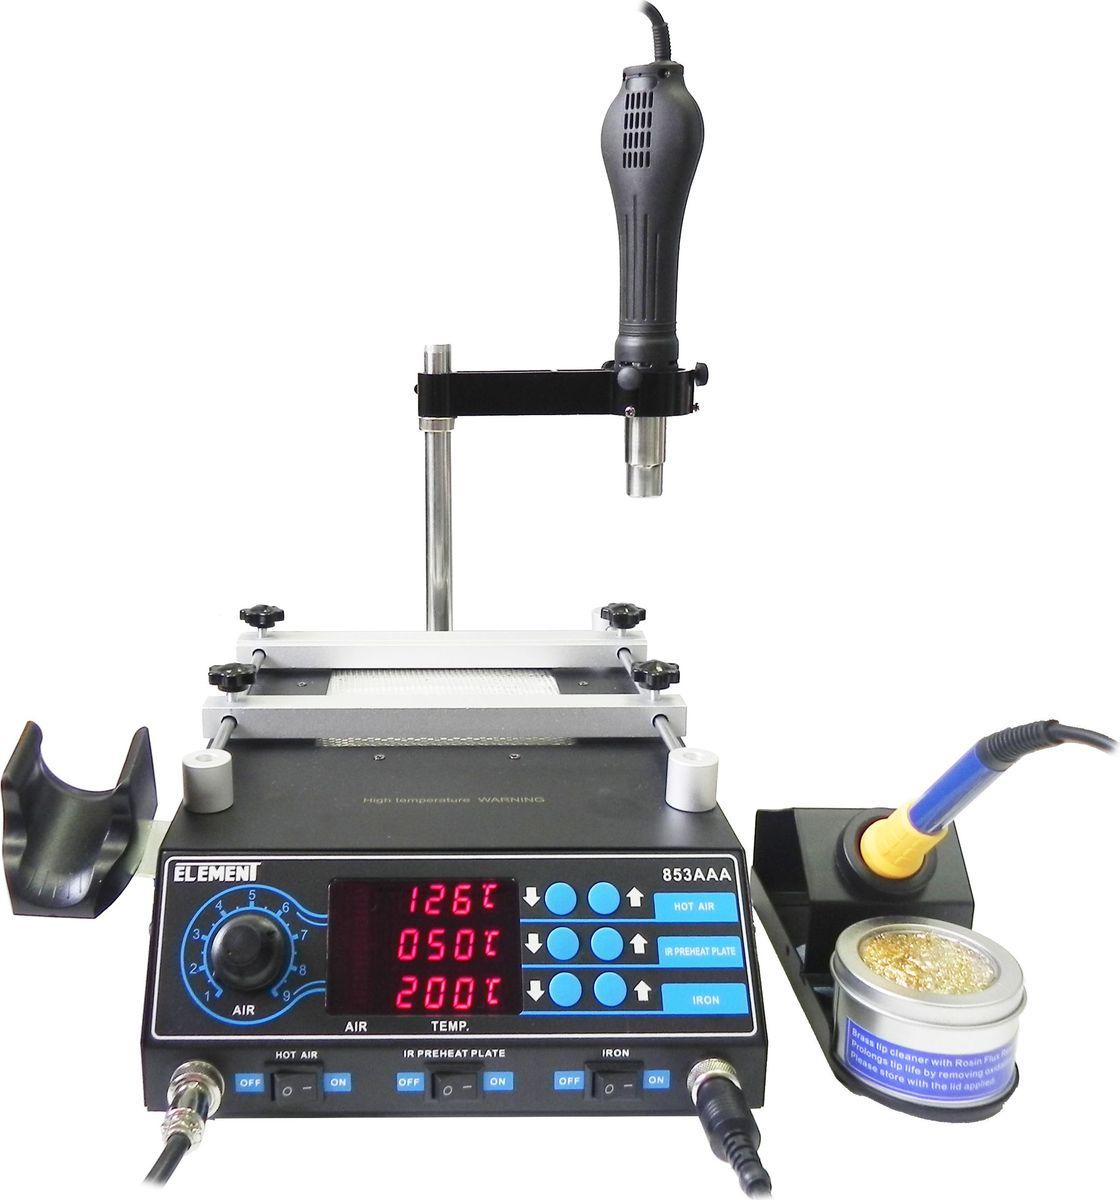 Паяльная станция Element 853AAA нагревательный элемент для станции element 702 853d